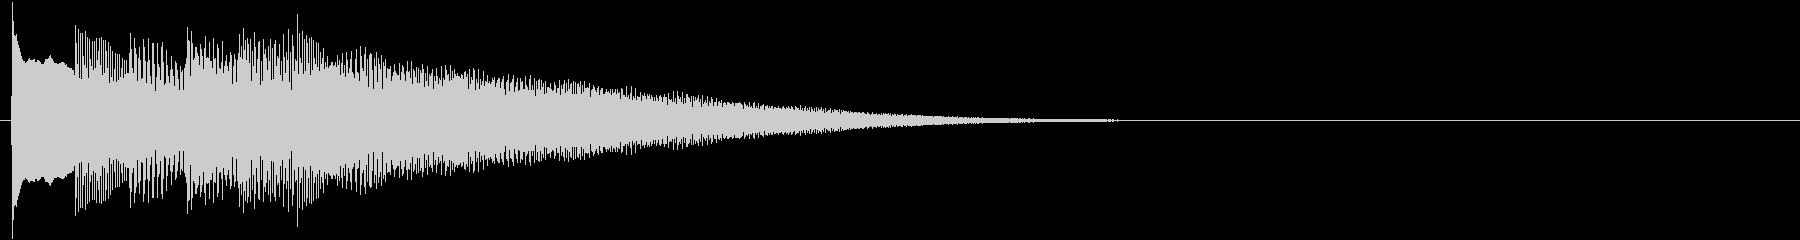 フレーズ系08 文字、テロップ表示(大)の未再生の波形